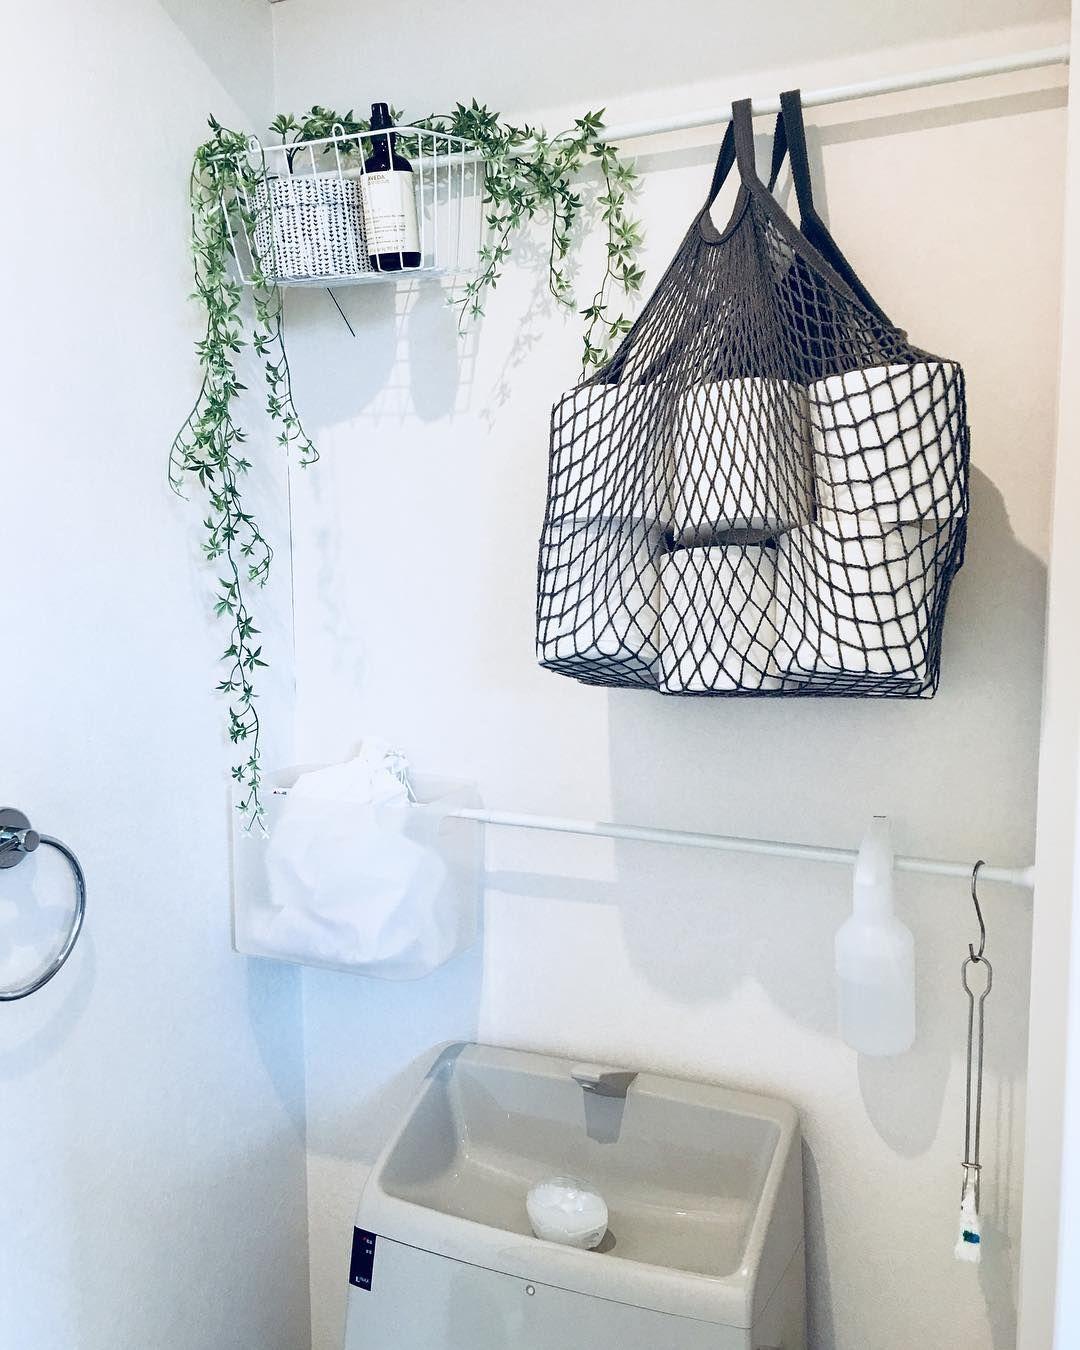 トイレ収納はトイレットペーパーやサニタリー用品 掃除道具など収納品も多いですよね しかし 棚が少なかったりして片付けに悩んでいる方も多いのではないでしょうか ちょっとした工夫やアイディアで トイレ内の収納もおしゃれに使い勝手もよくできるならぜひ真似